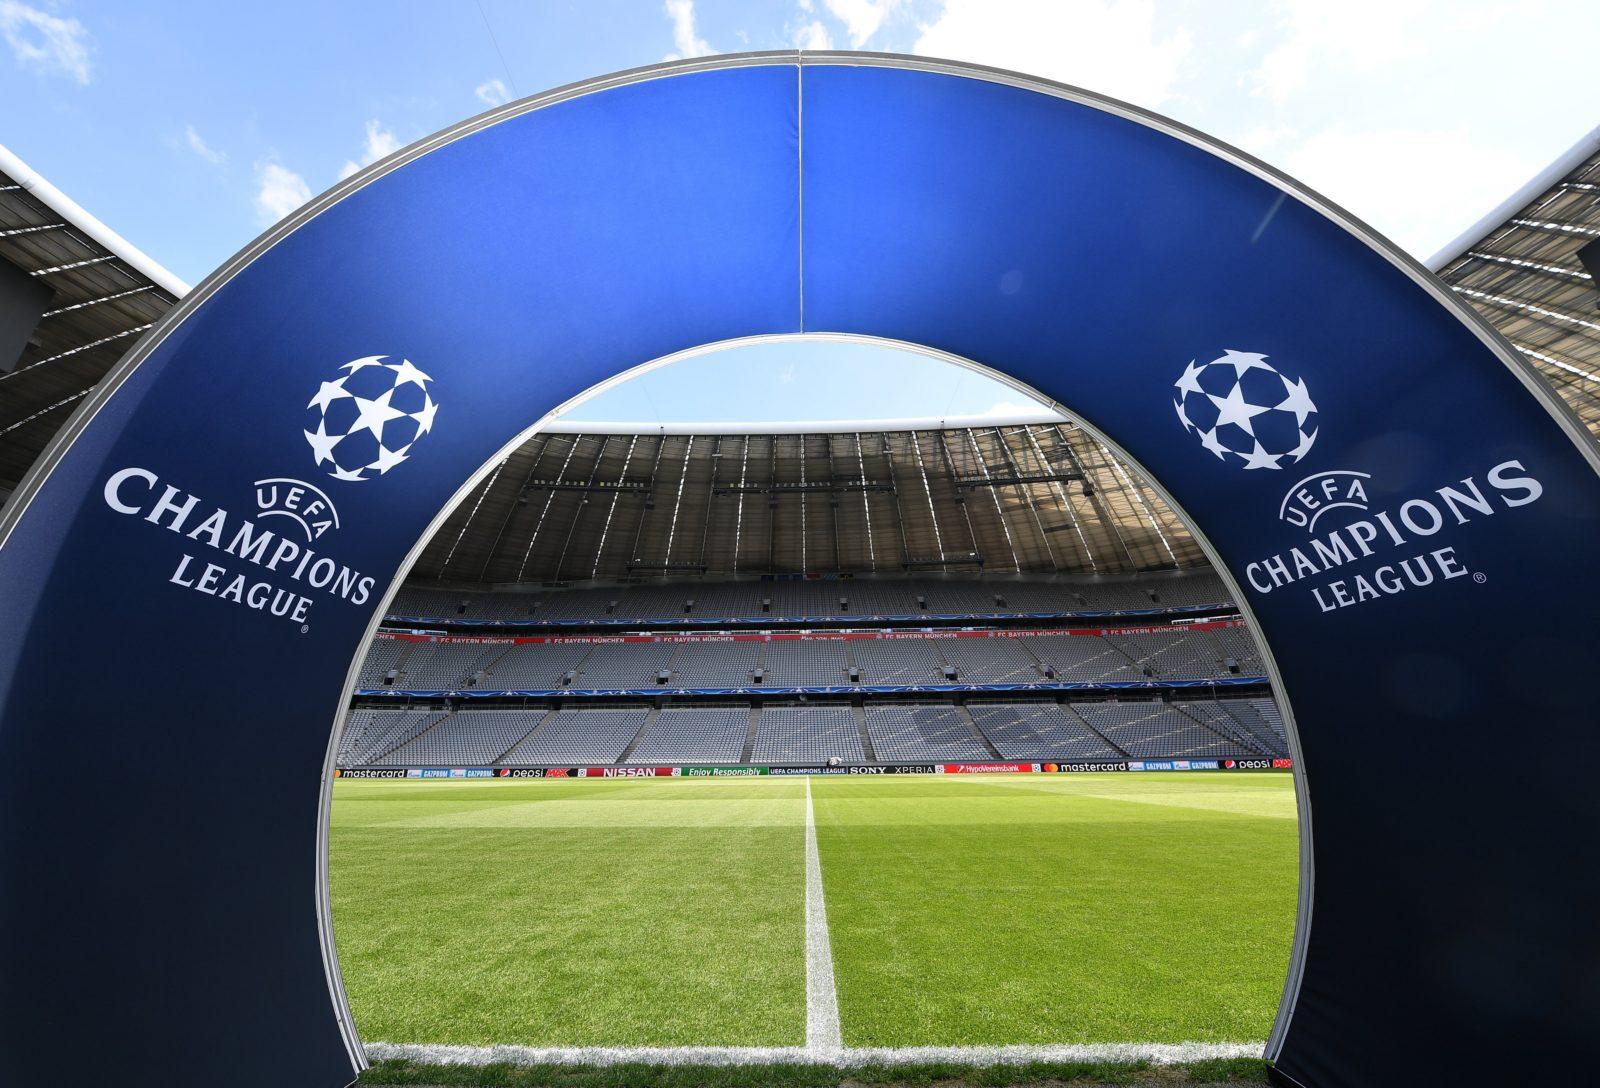 Les stades des finales de l'UEFA Champions League 2021 ...